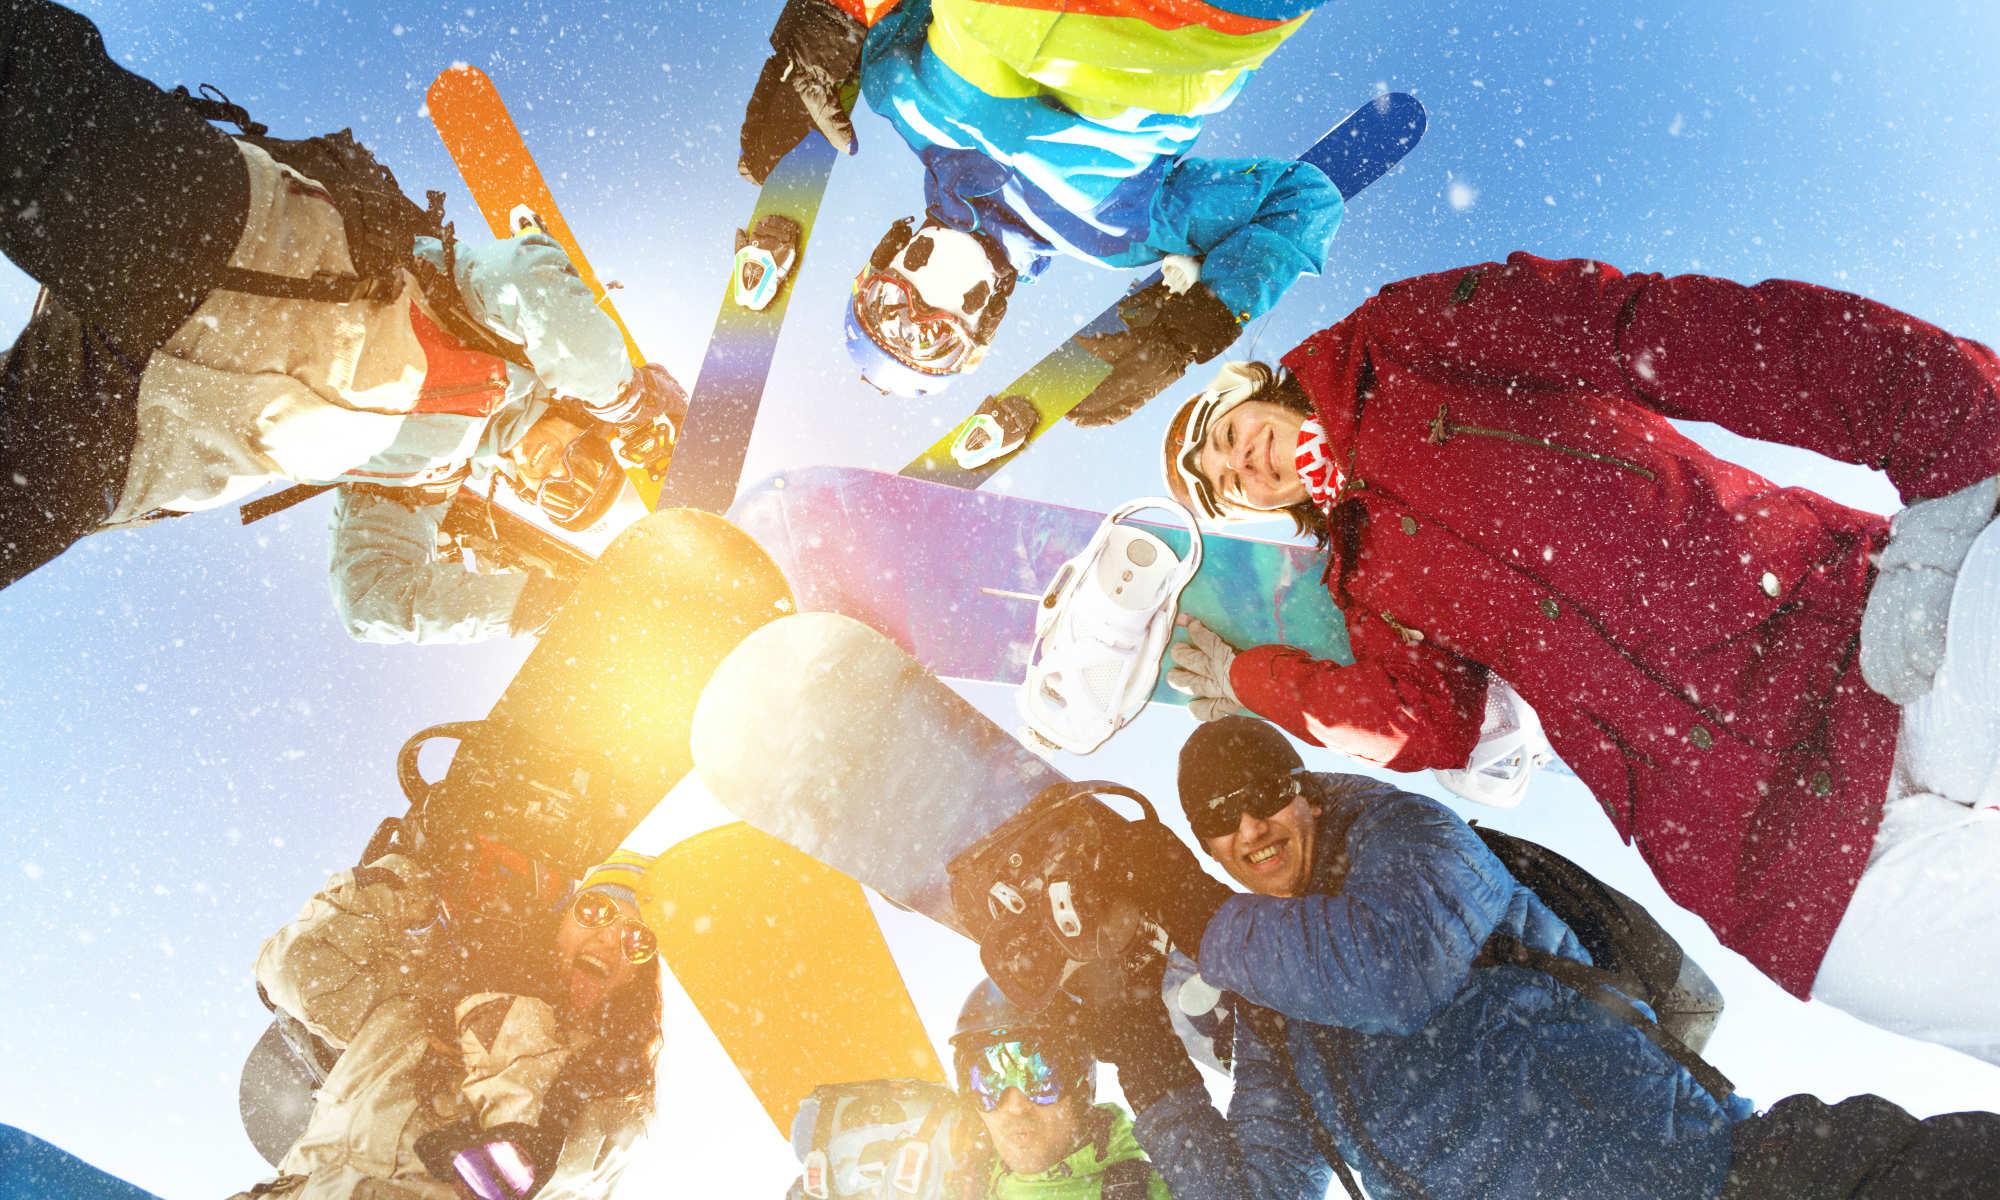 Un gruppo di amici sulla neve, posizionati in cerchio attorno alla macchina fotografica, posano con i loro sci e snowboard, sorridendo.